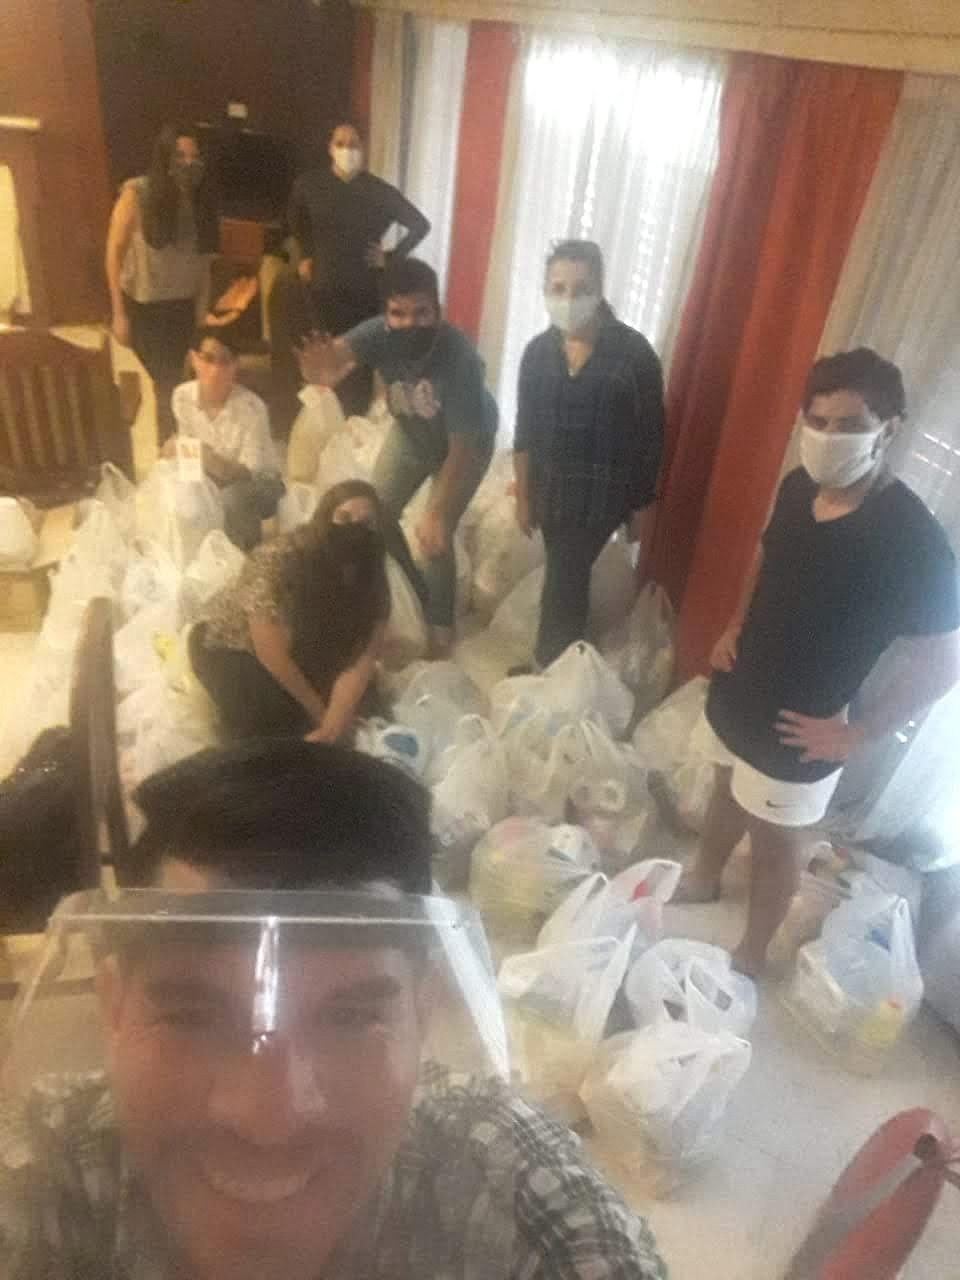 voluntarios ordenando donaciones de mercaderia